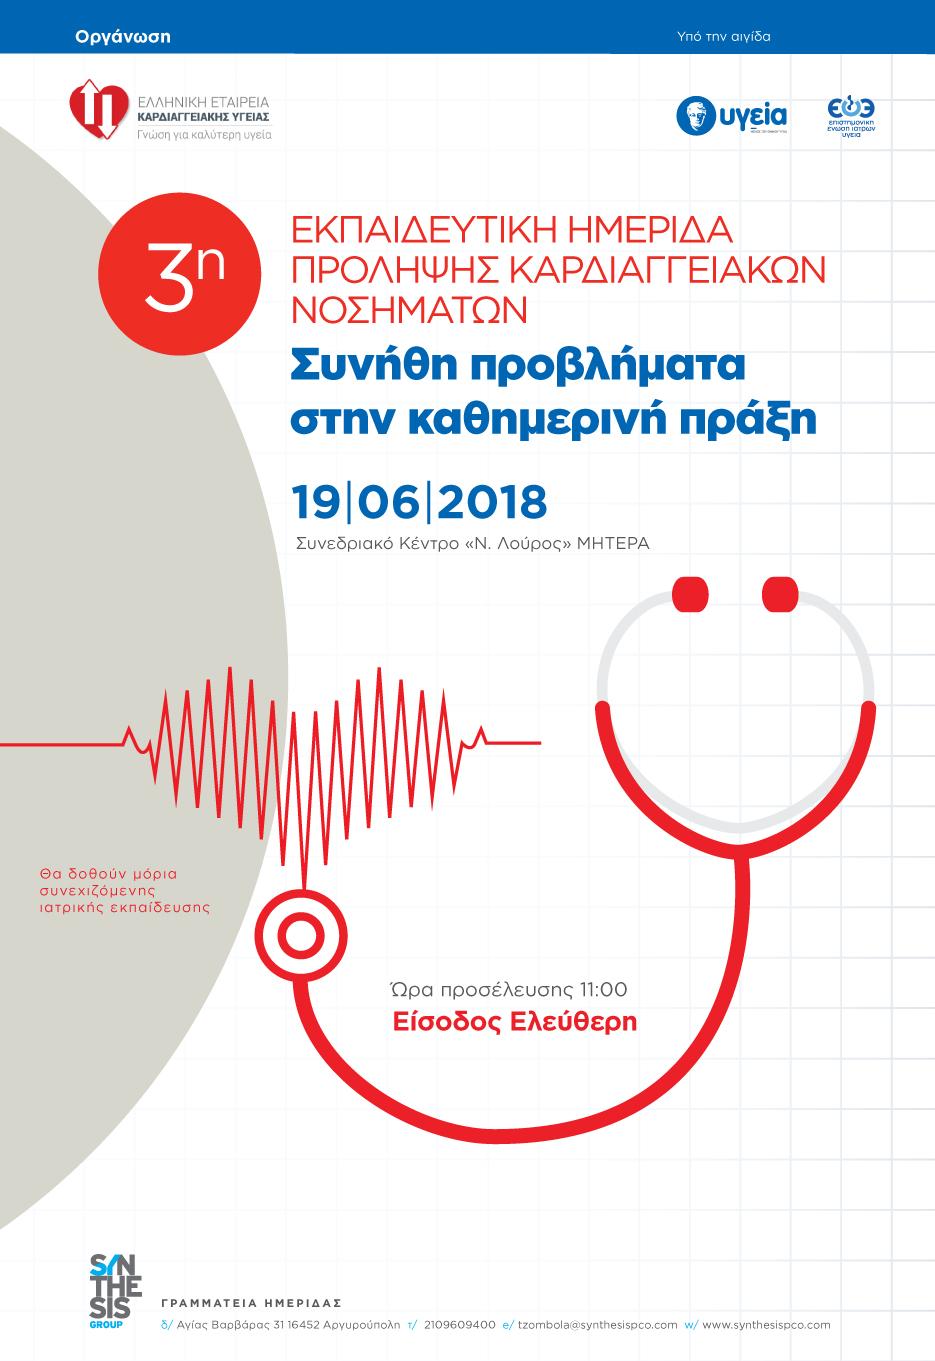 3η Εκπαιδευτική Ημερίδα Πρόληψης Καρδιαγγειακών Νοσημάτων «Συνήθη προβλήματα στην καθημερινή πράξη»